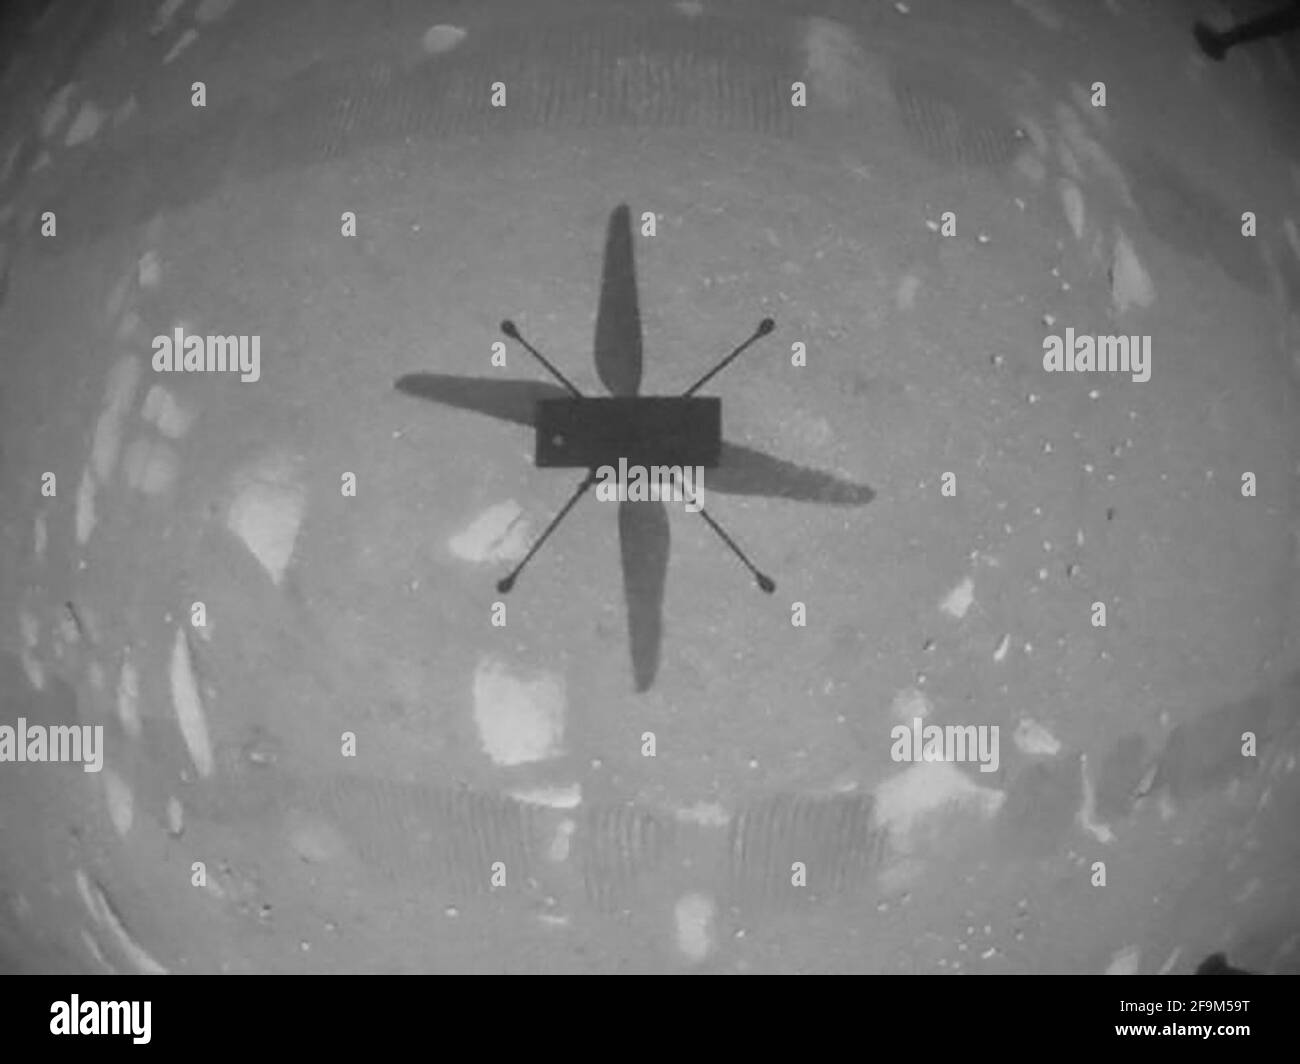 El helicóptero Ingenuity Mars de la NASA capturó este disparo mientras volaba sobre la superficie marciana el 19 de abril de 2021, durante la primera instancia de vuelo controlado y motorizado en otro planeta. Utilizó su cámara de navegación, que sigue el terreno de forma autónoma durante el vuelo. Foto del folleto por JPL-Caltech/NASA viaABACAPRESS.COM Crédito: Abaca Press/Alamy Live News Foto de stock